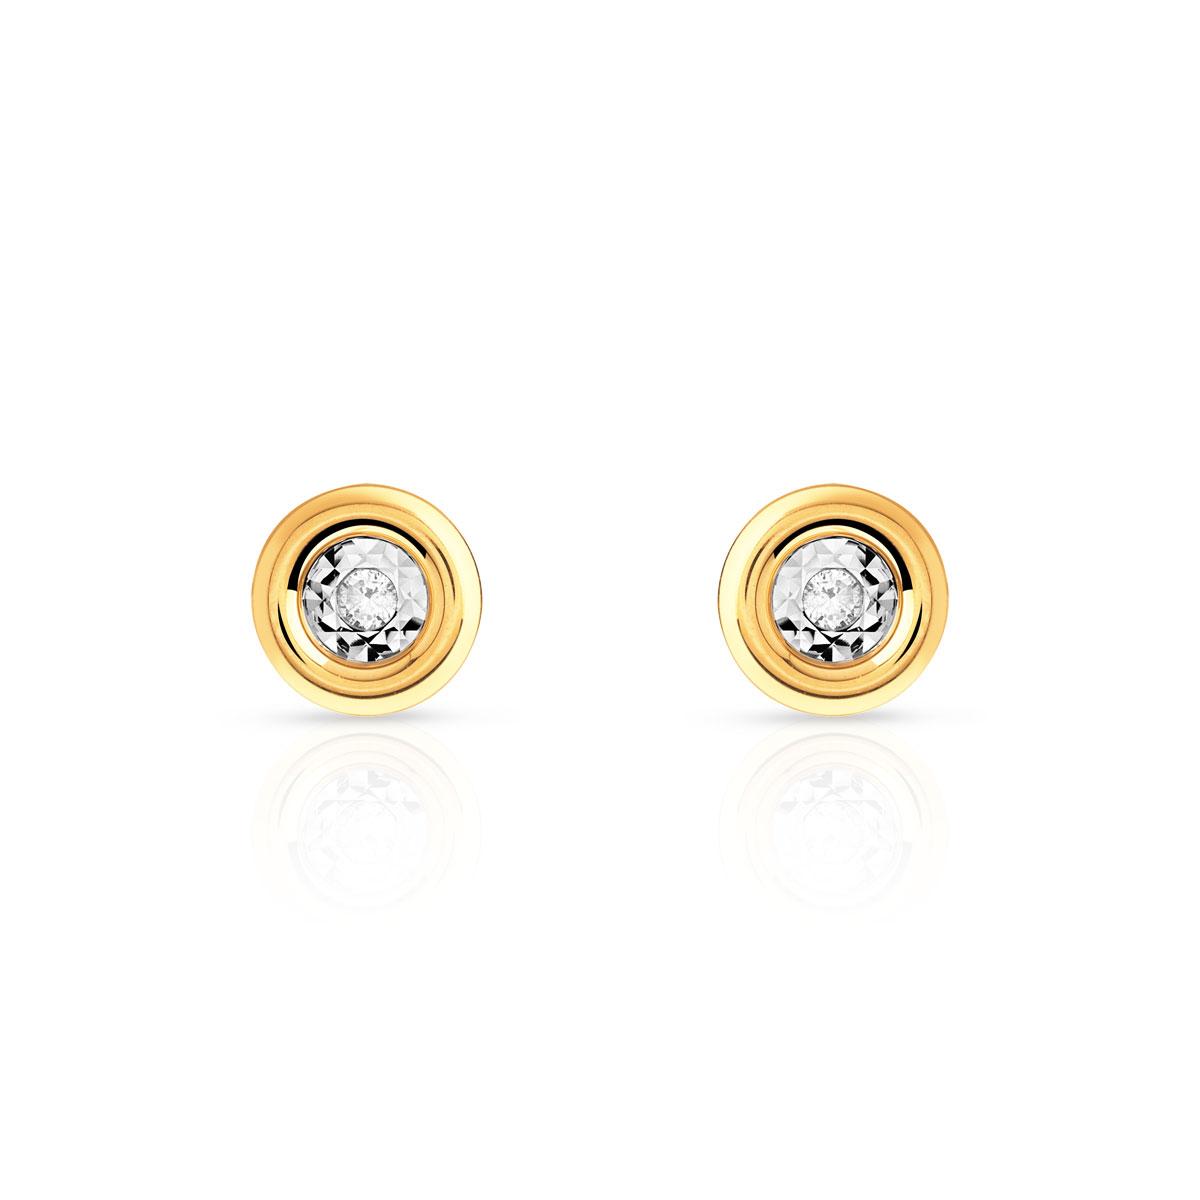 nouveau style 5da15 fa1b7 Boucles d'oreilles or 750 jaune diamant